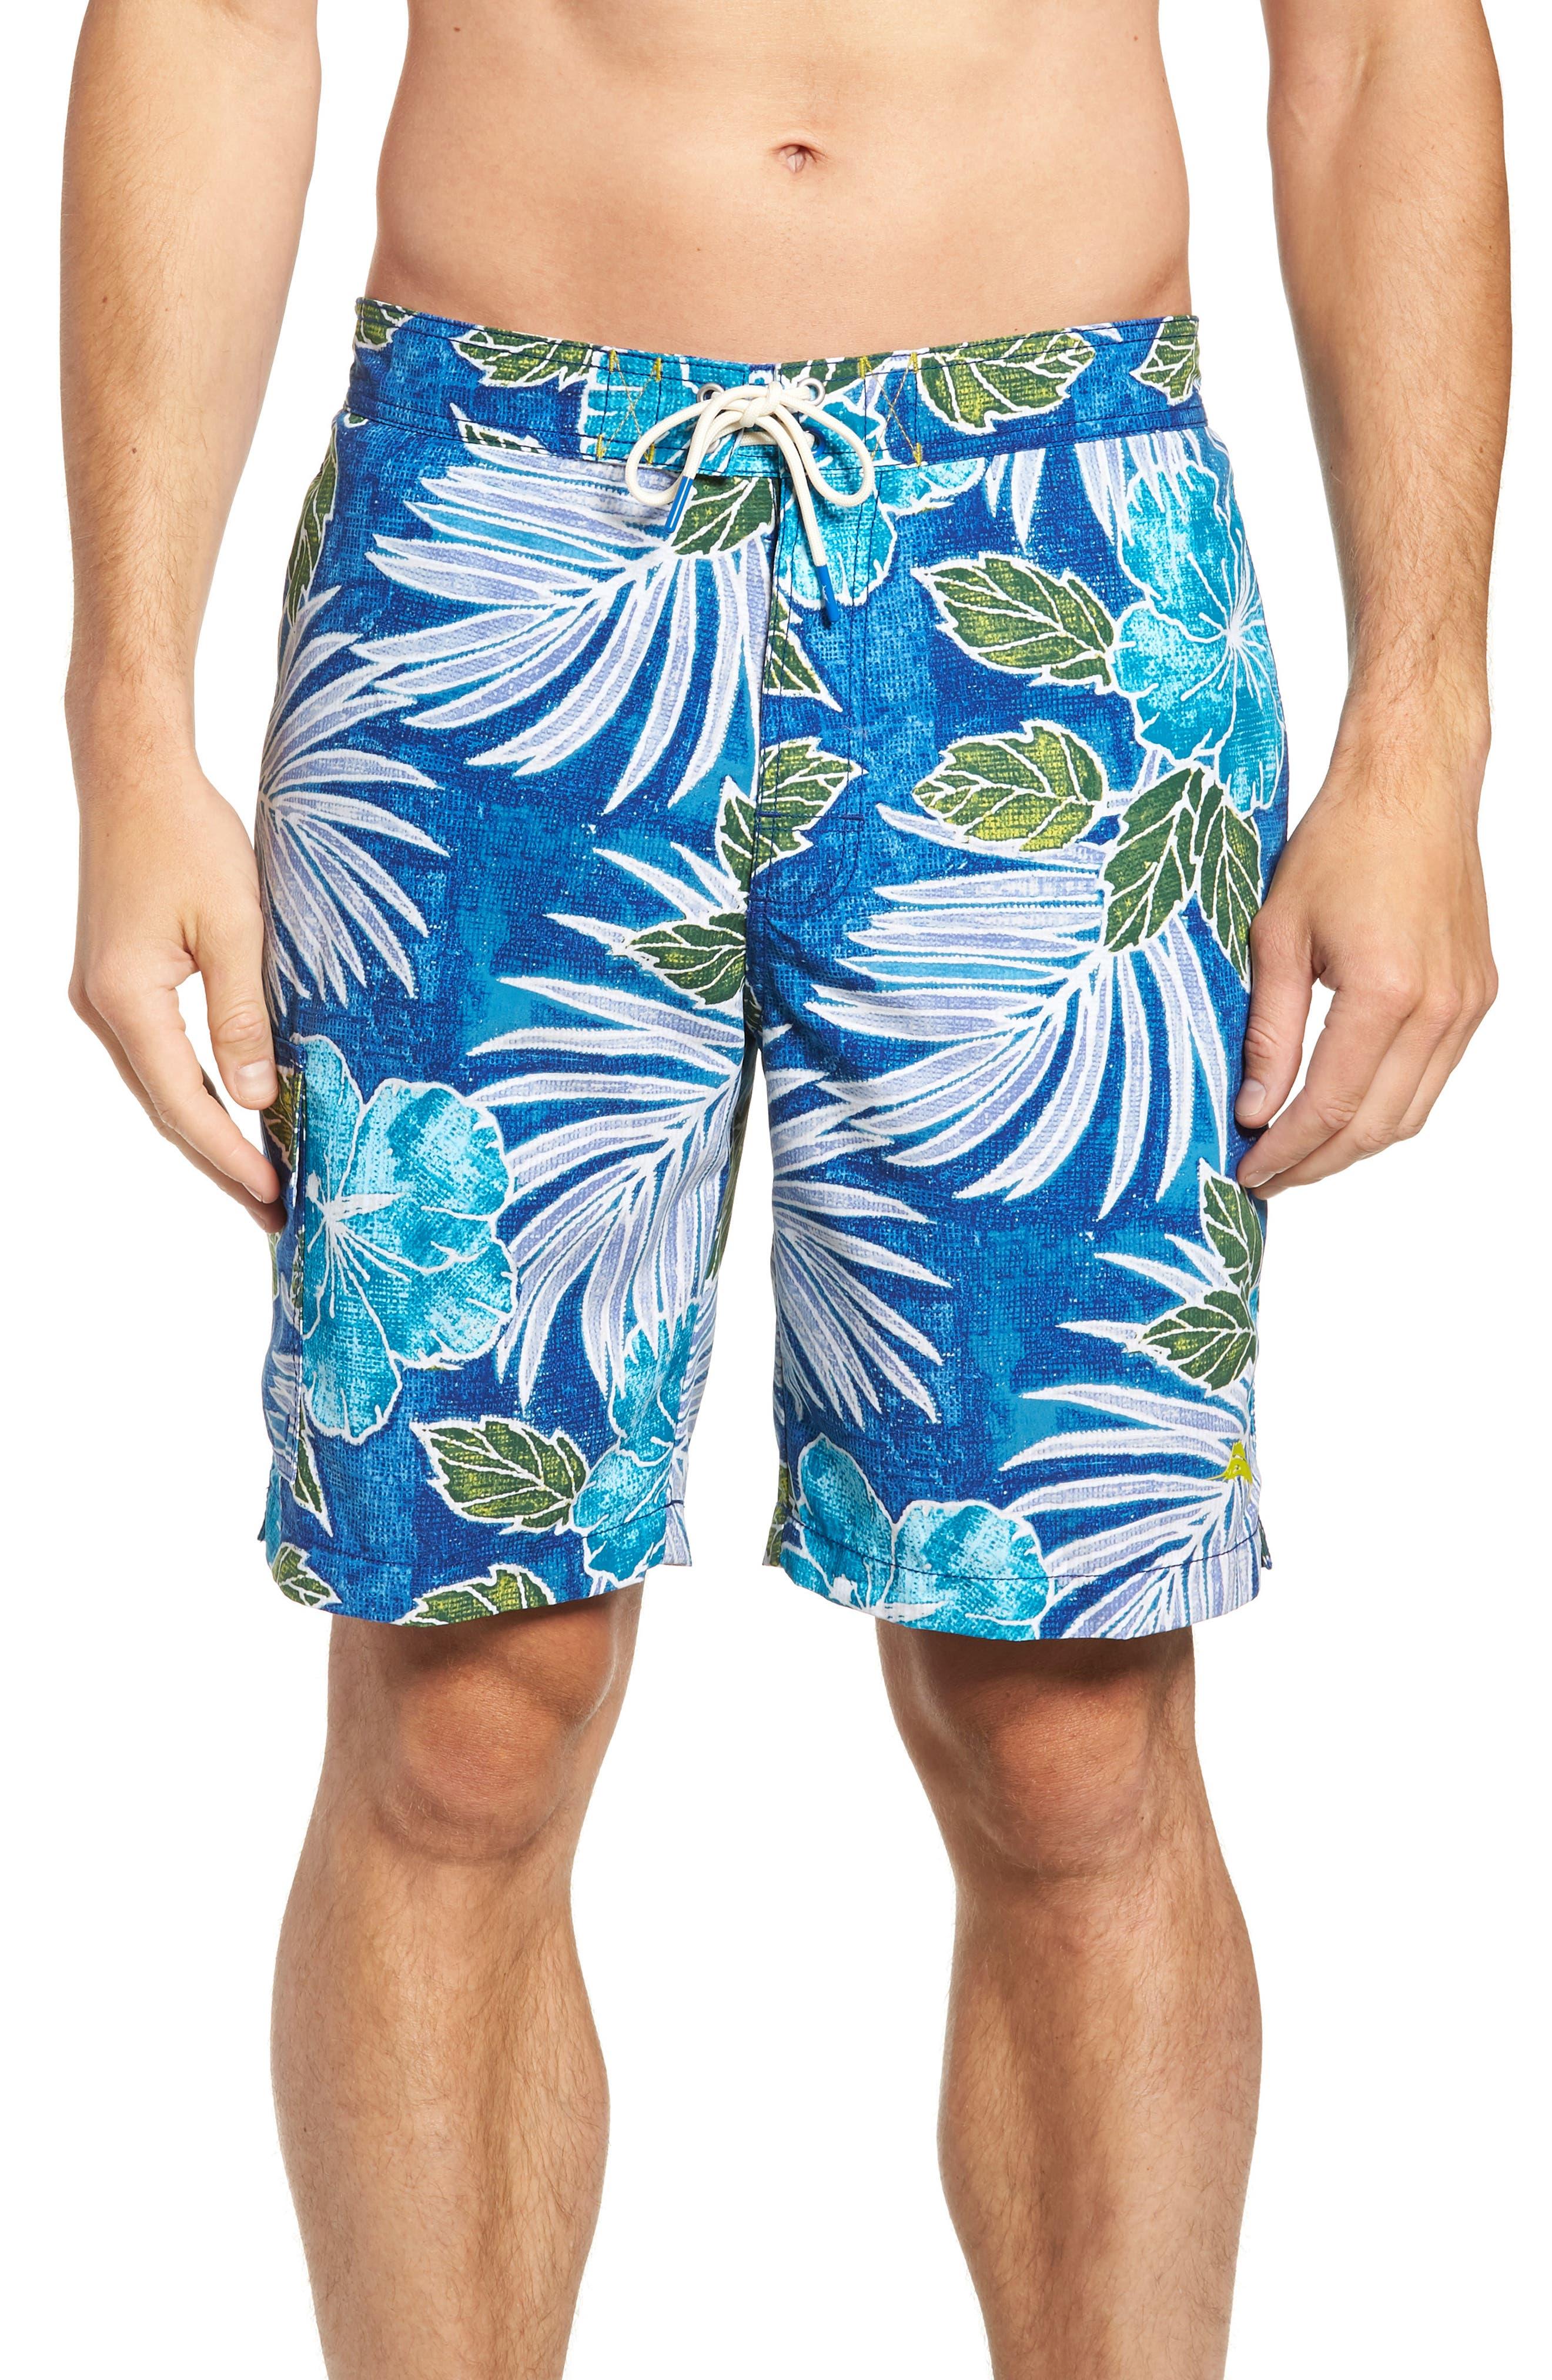 Baja Hibiscus Cove Board Shorts,                             Main thumbnail 1, color,                             DARK COBALT